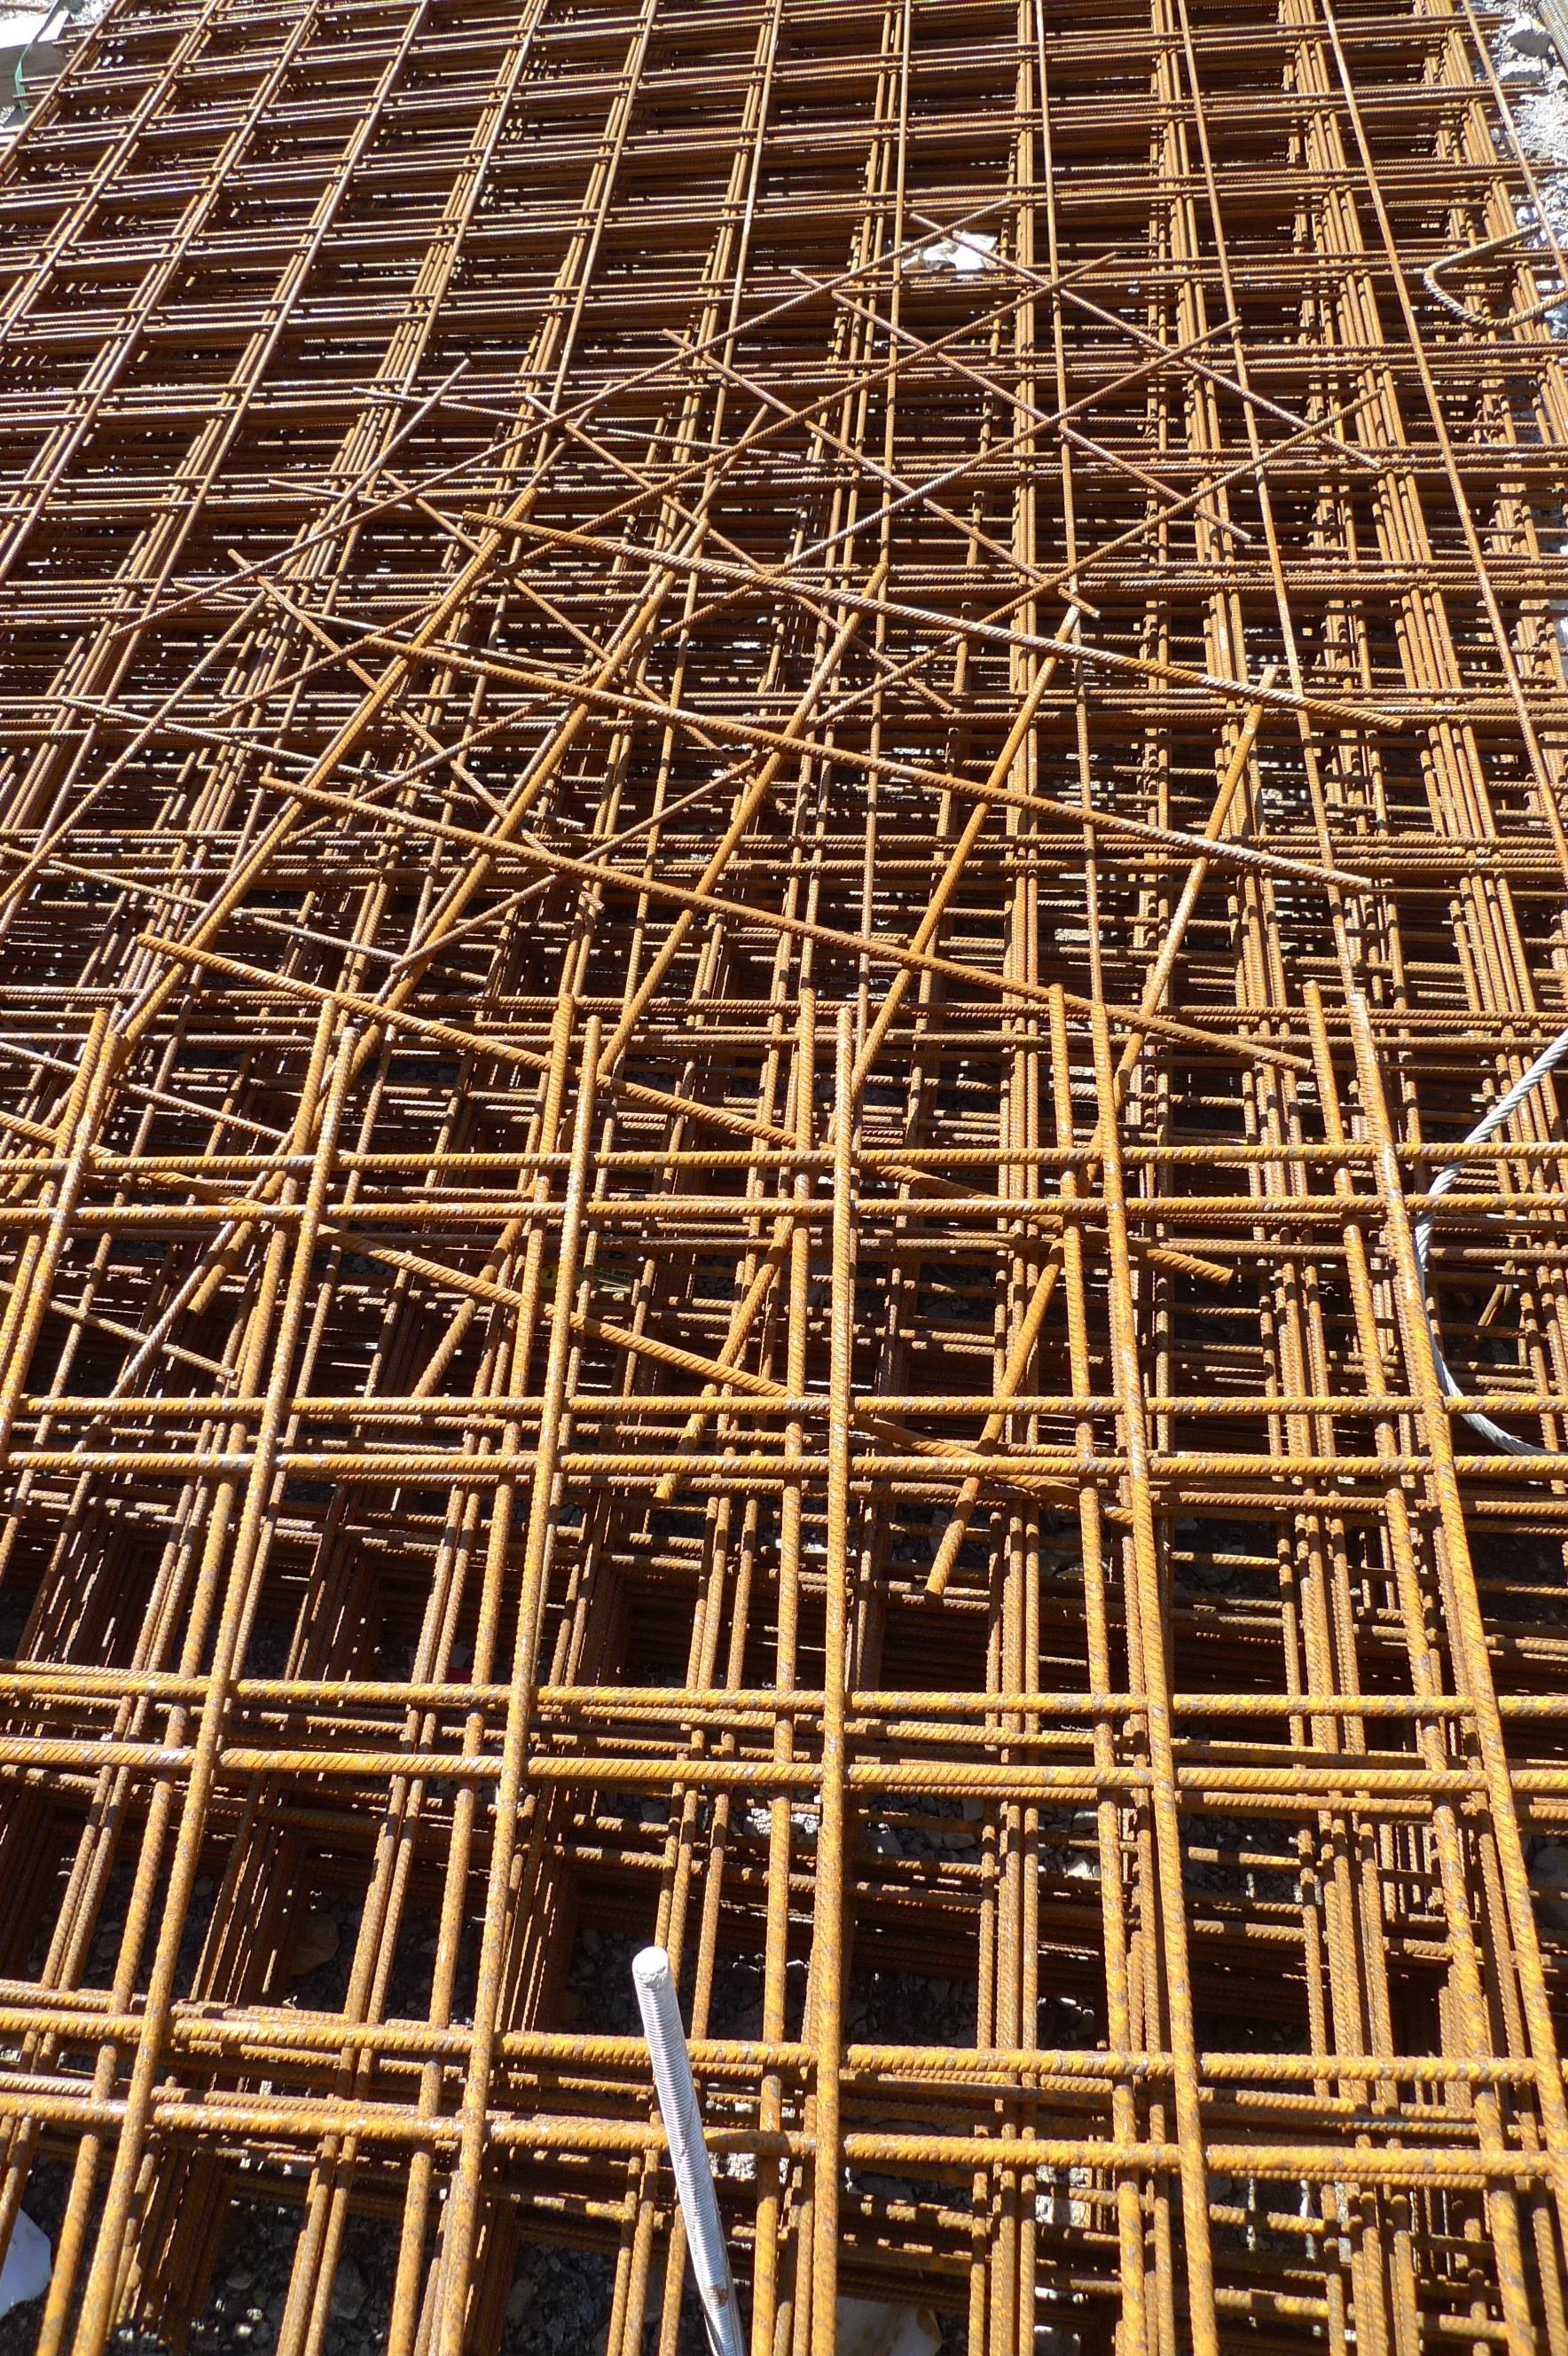 Fotos gratis : estructura, textura, rascacielos, acero, construcción ...